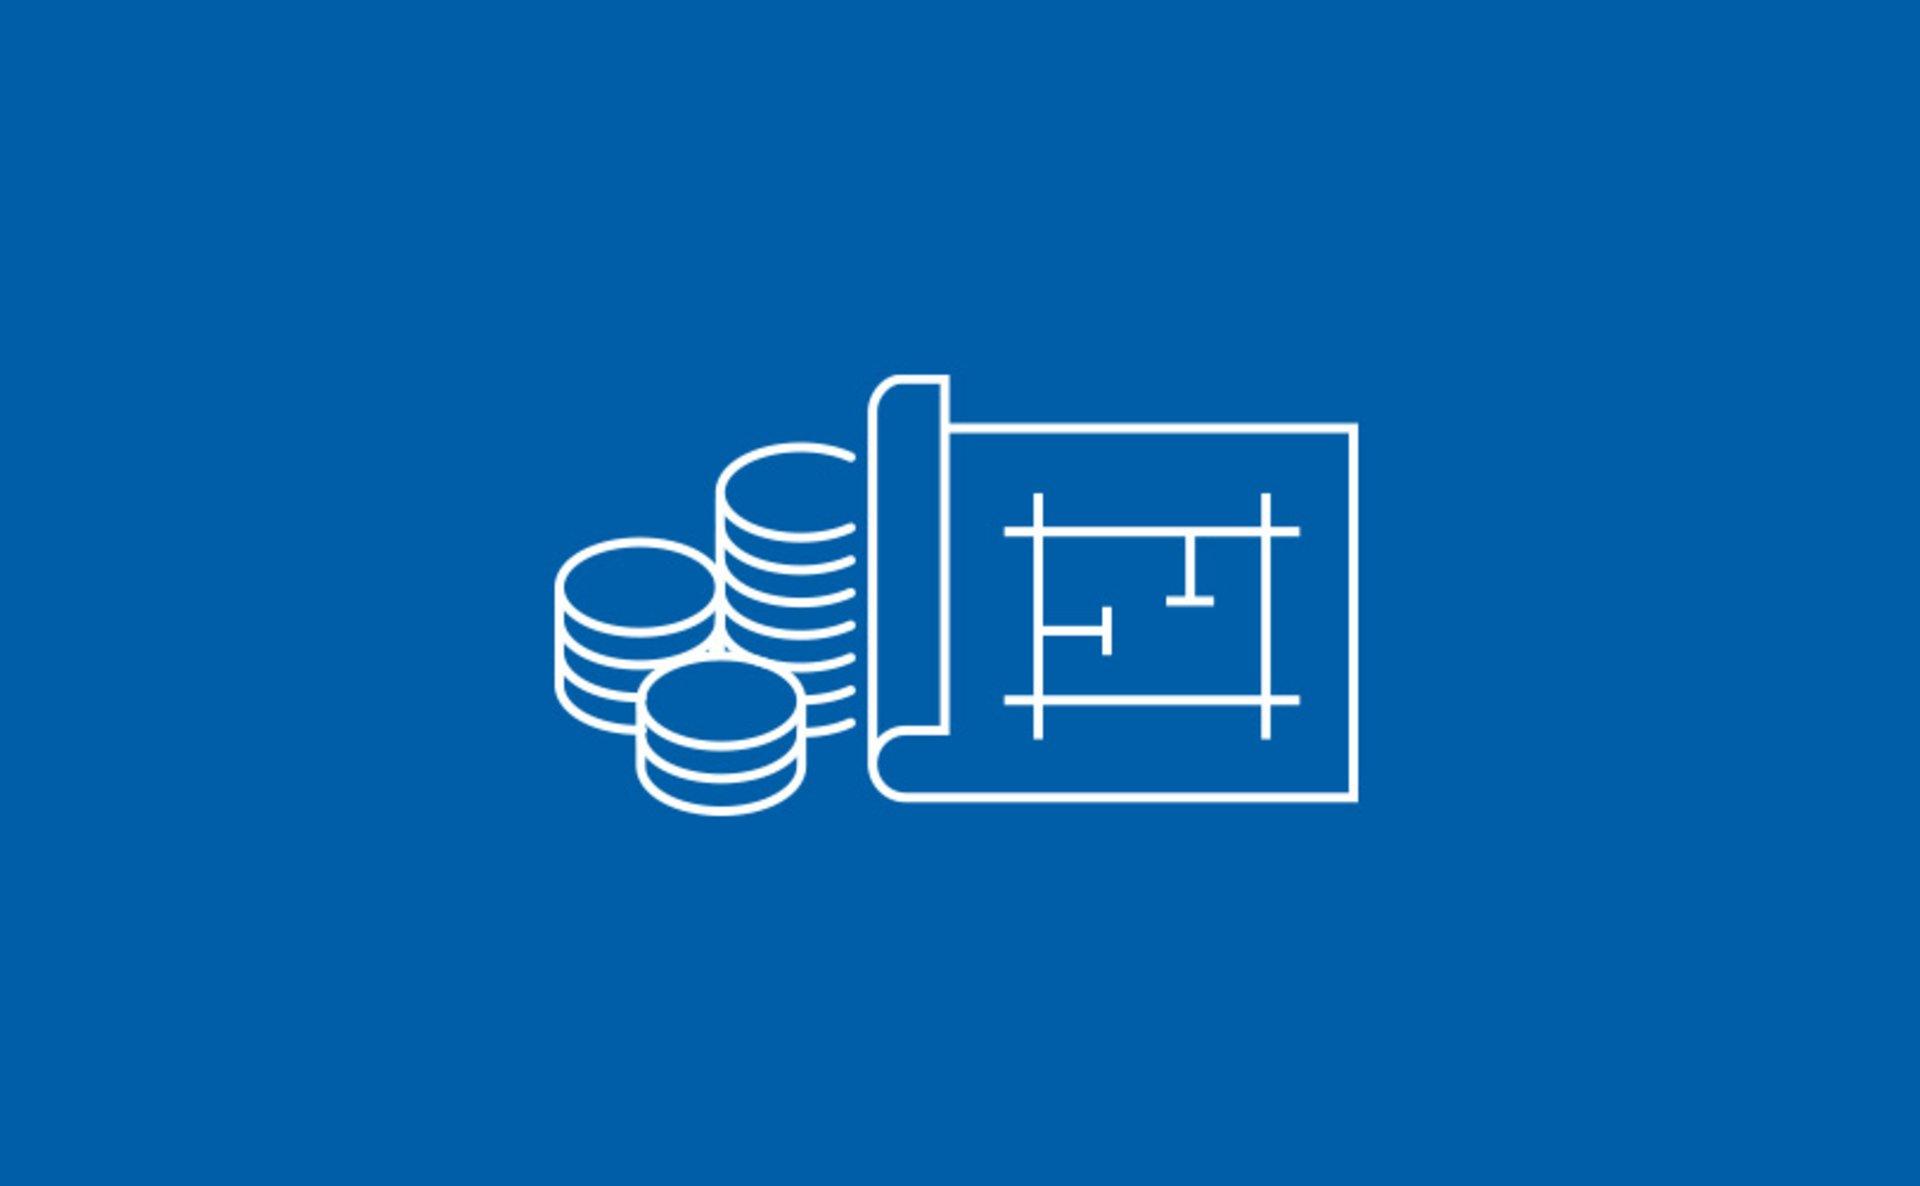 Icon Geld und Grundriss